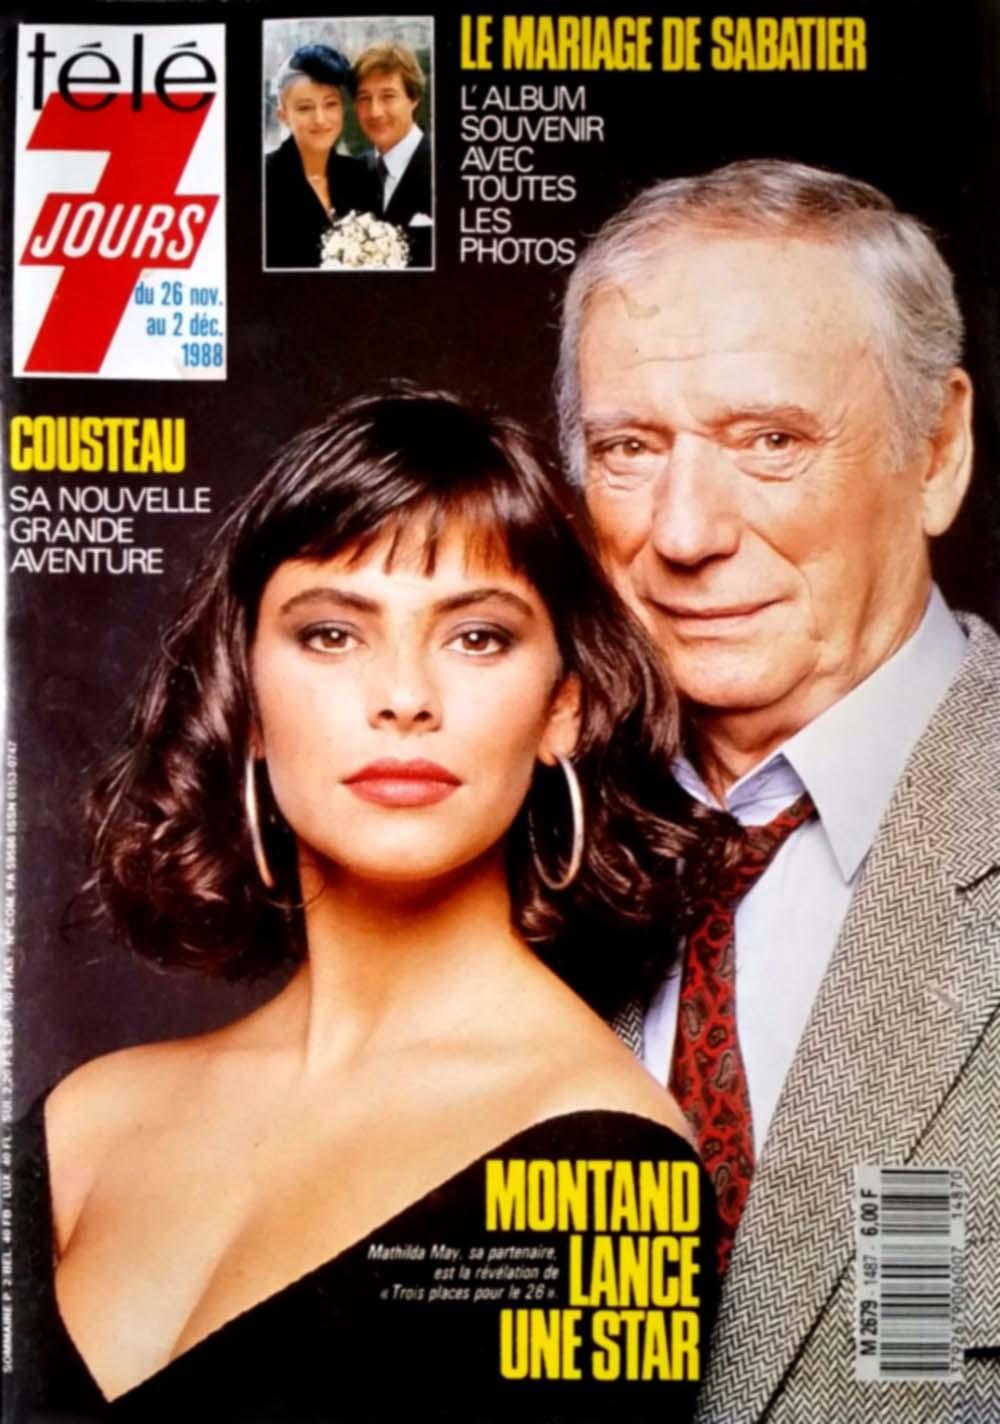 Programme TV du 26 novembre au 2 décembre 1988